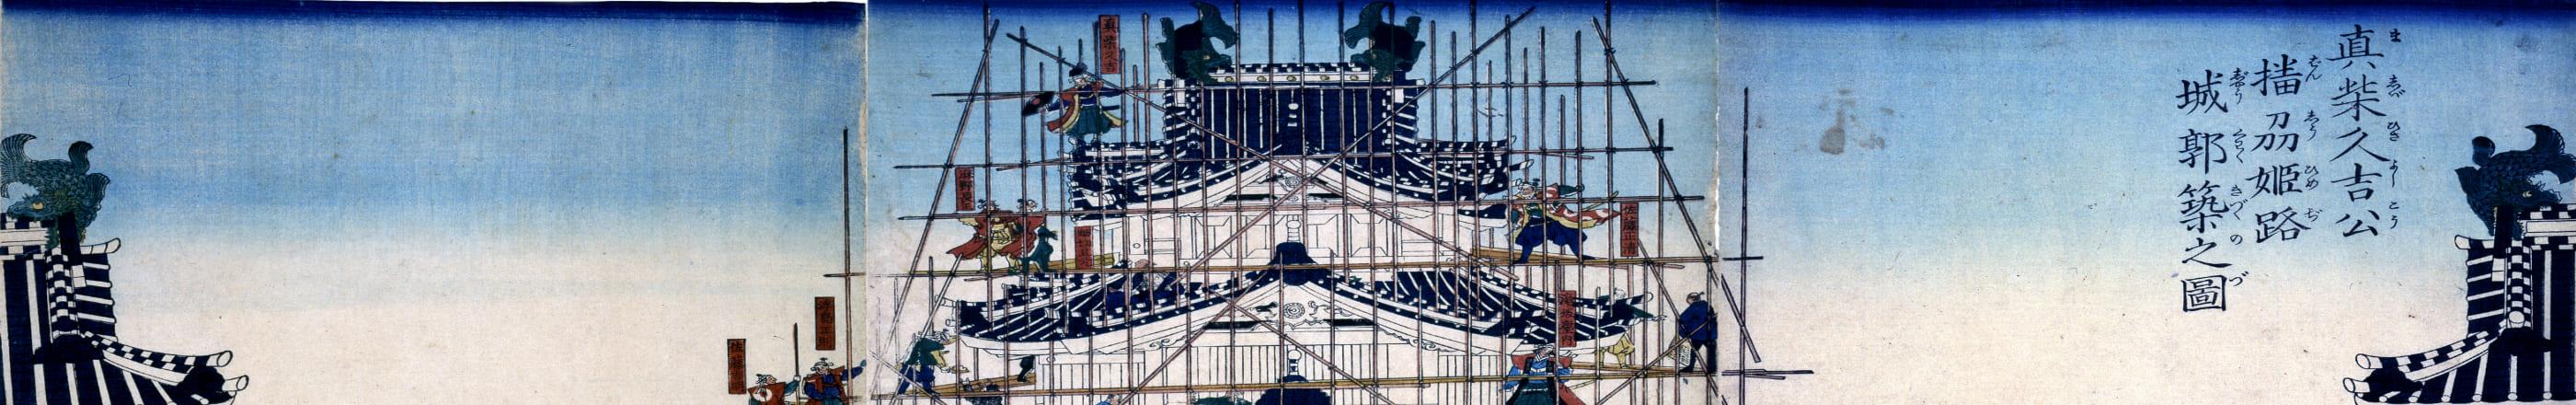 ヘッダーバナー ひょうごのお城のイメージ画像です。